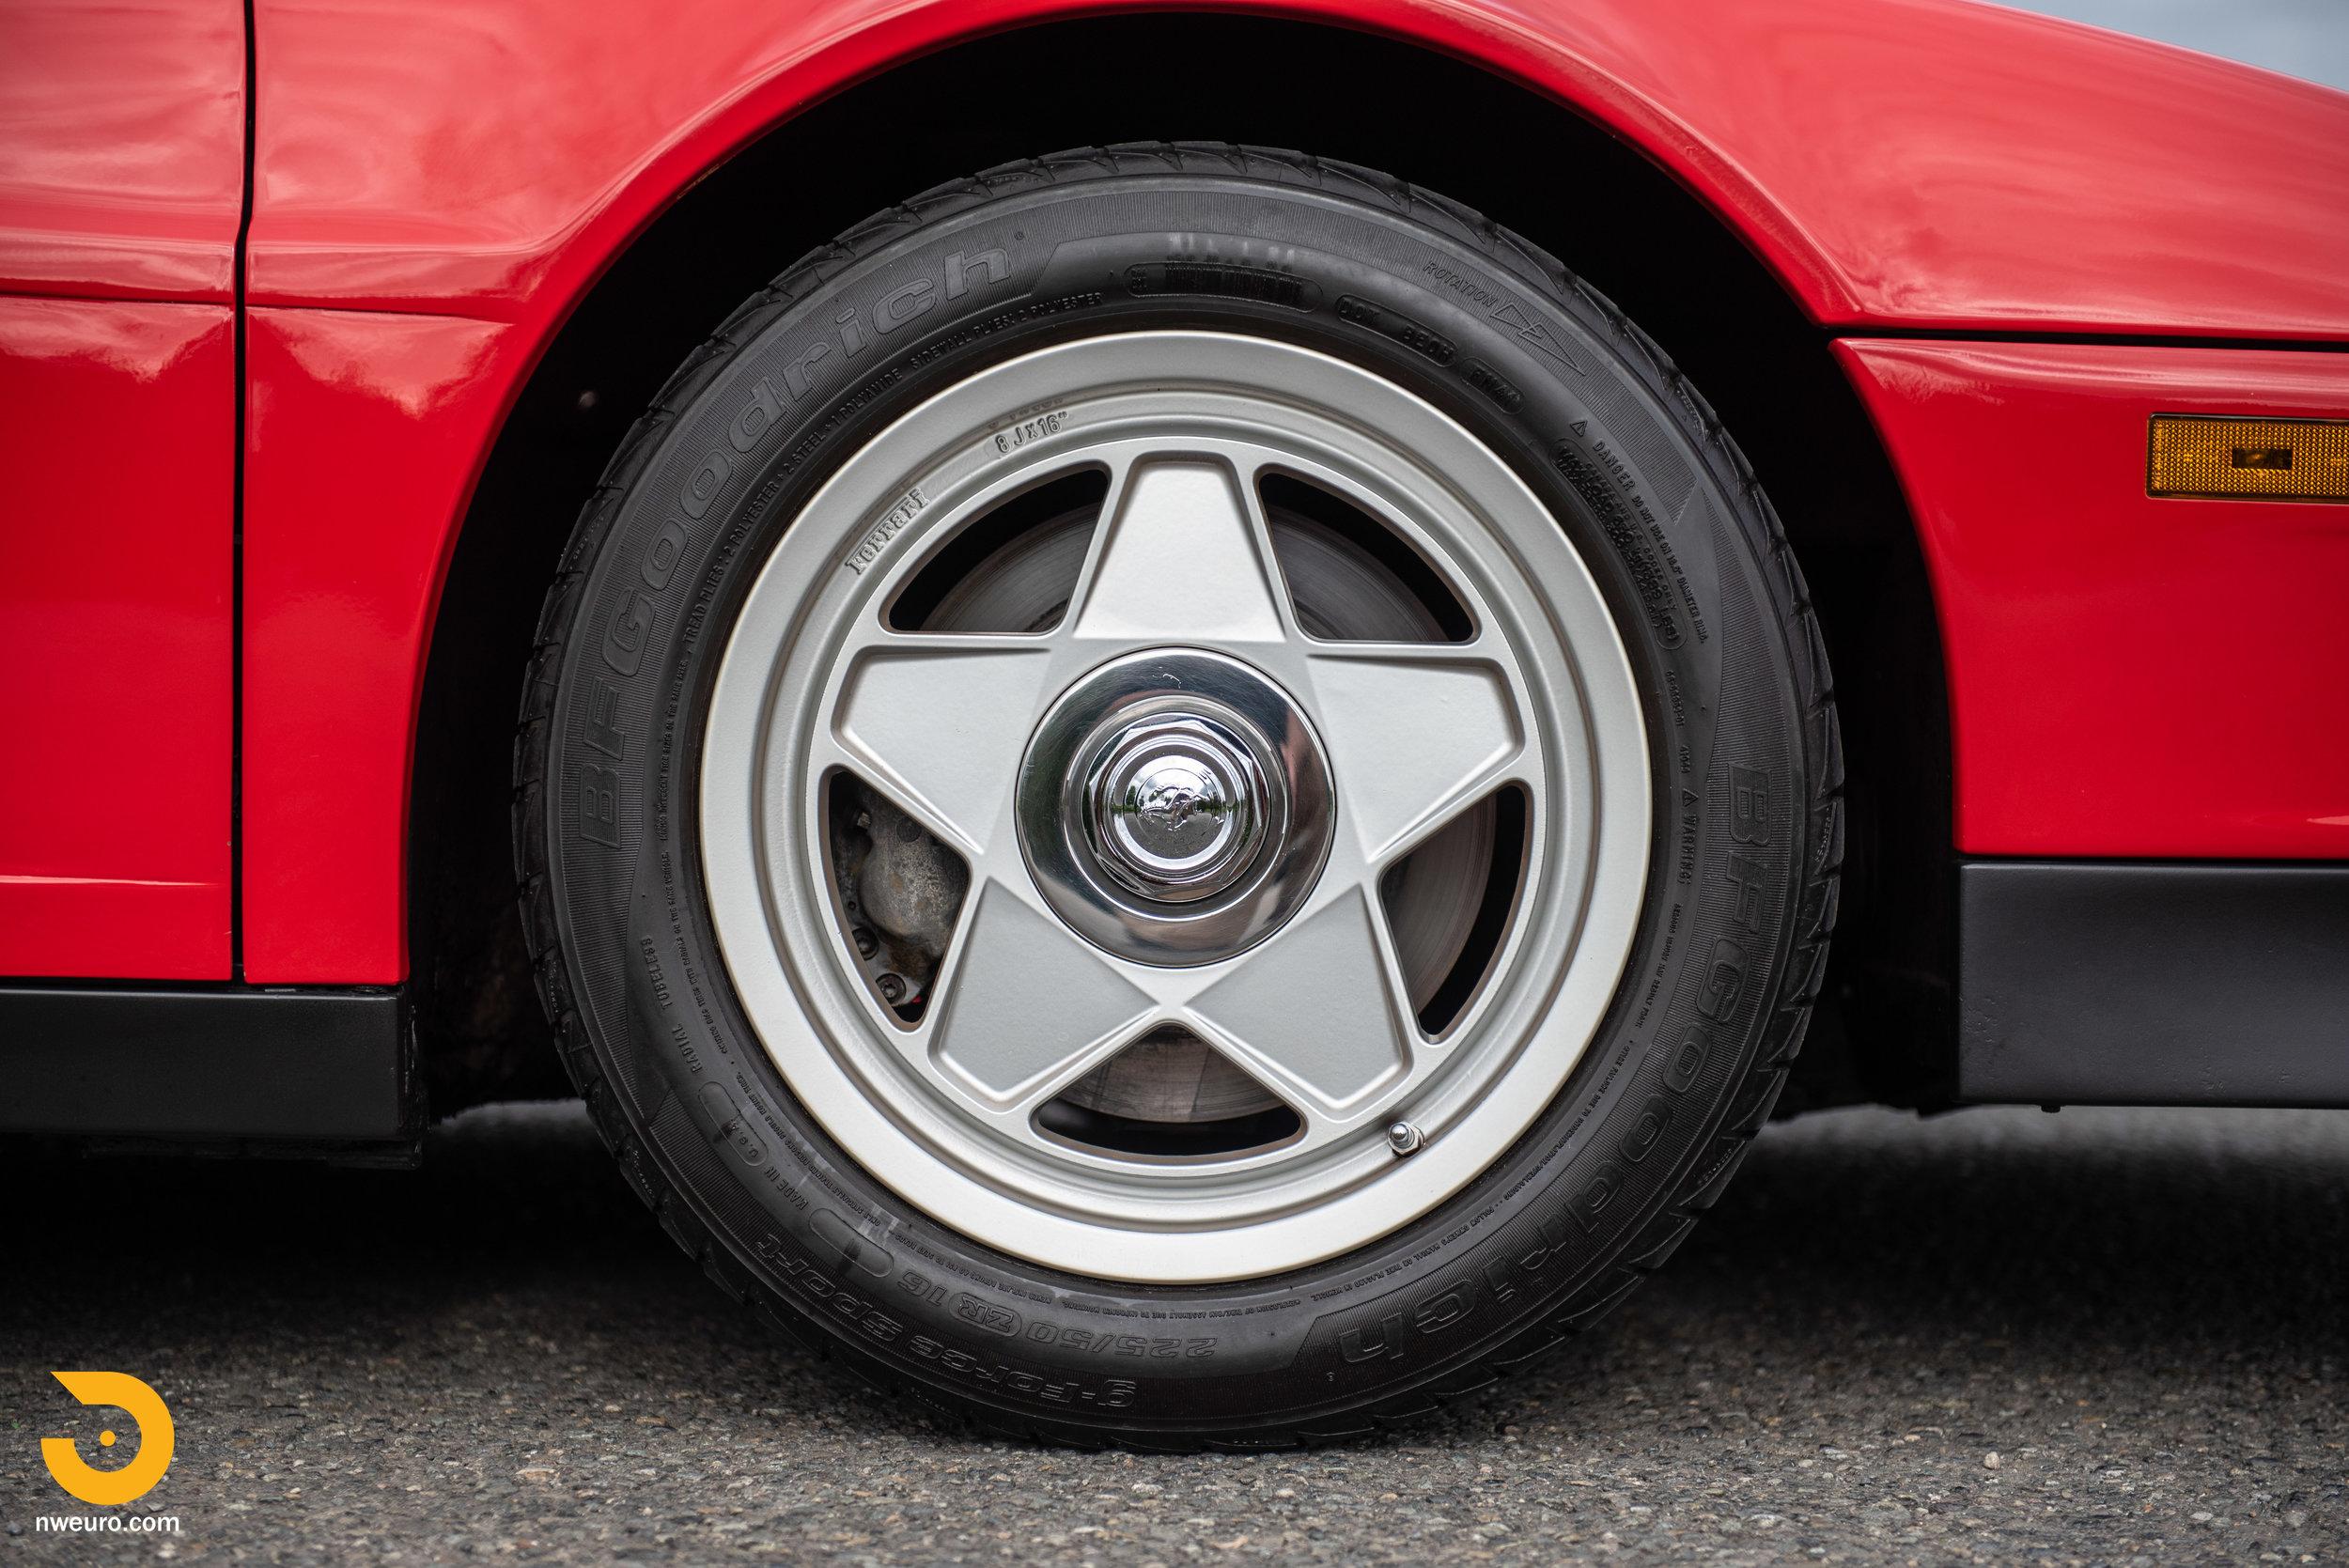 1988 Ferrari Testarossa-3.jpg